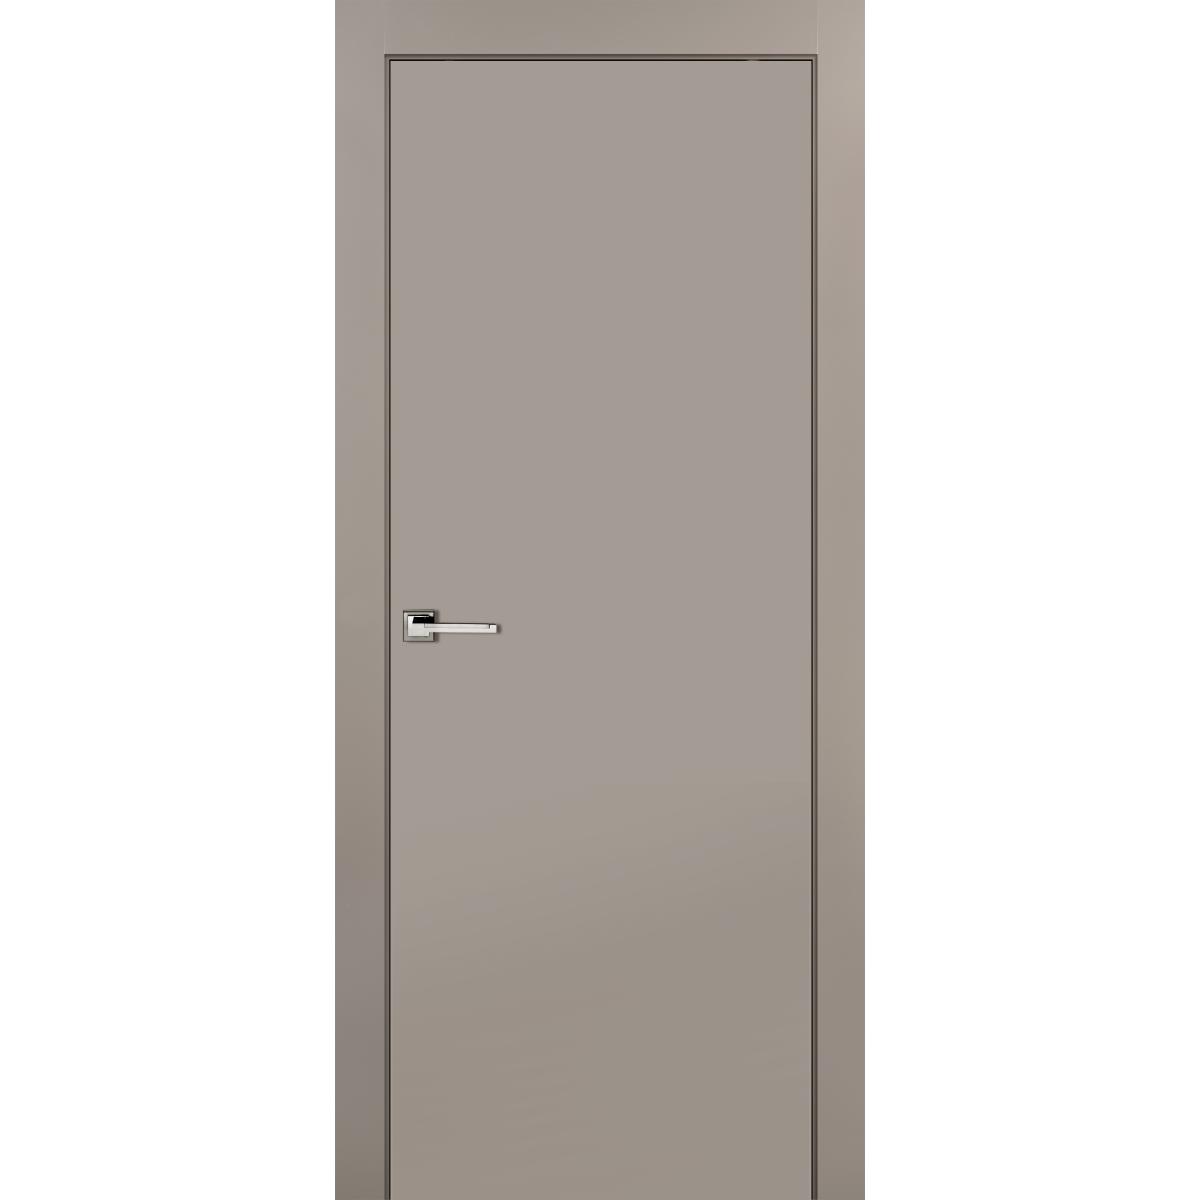 Дверь Межкомнатная Глухая С Замком В Комплекте 200x70 Эмаль Цвет Мускат